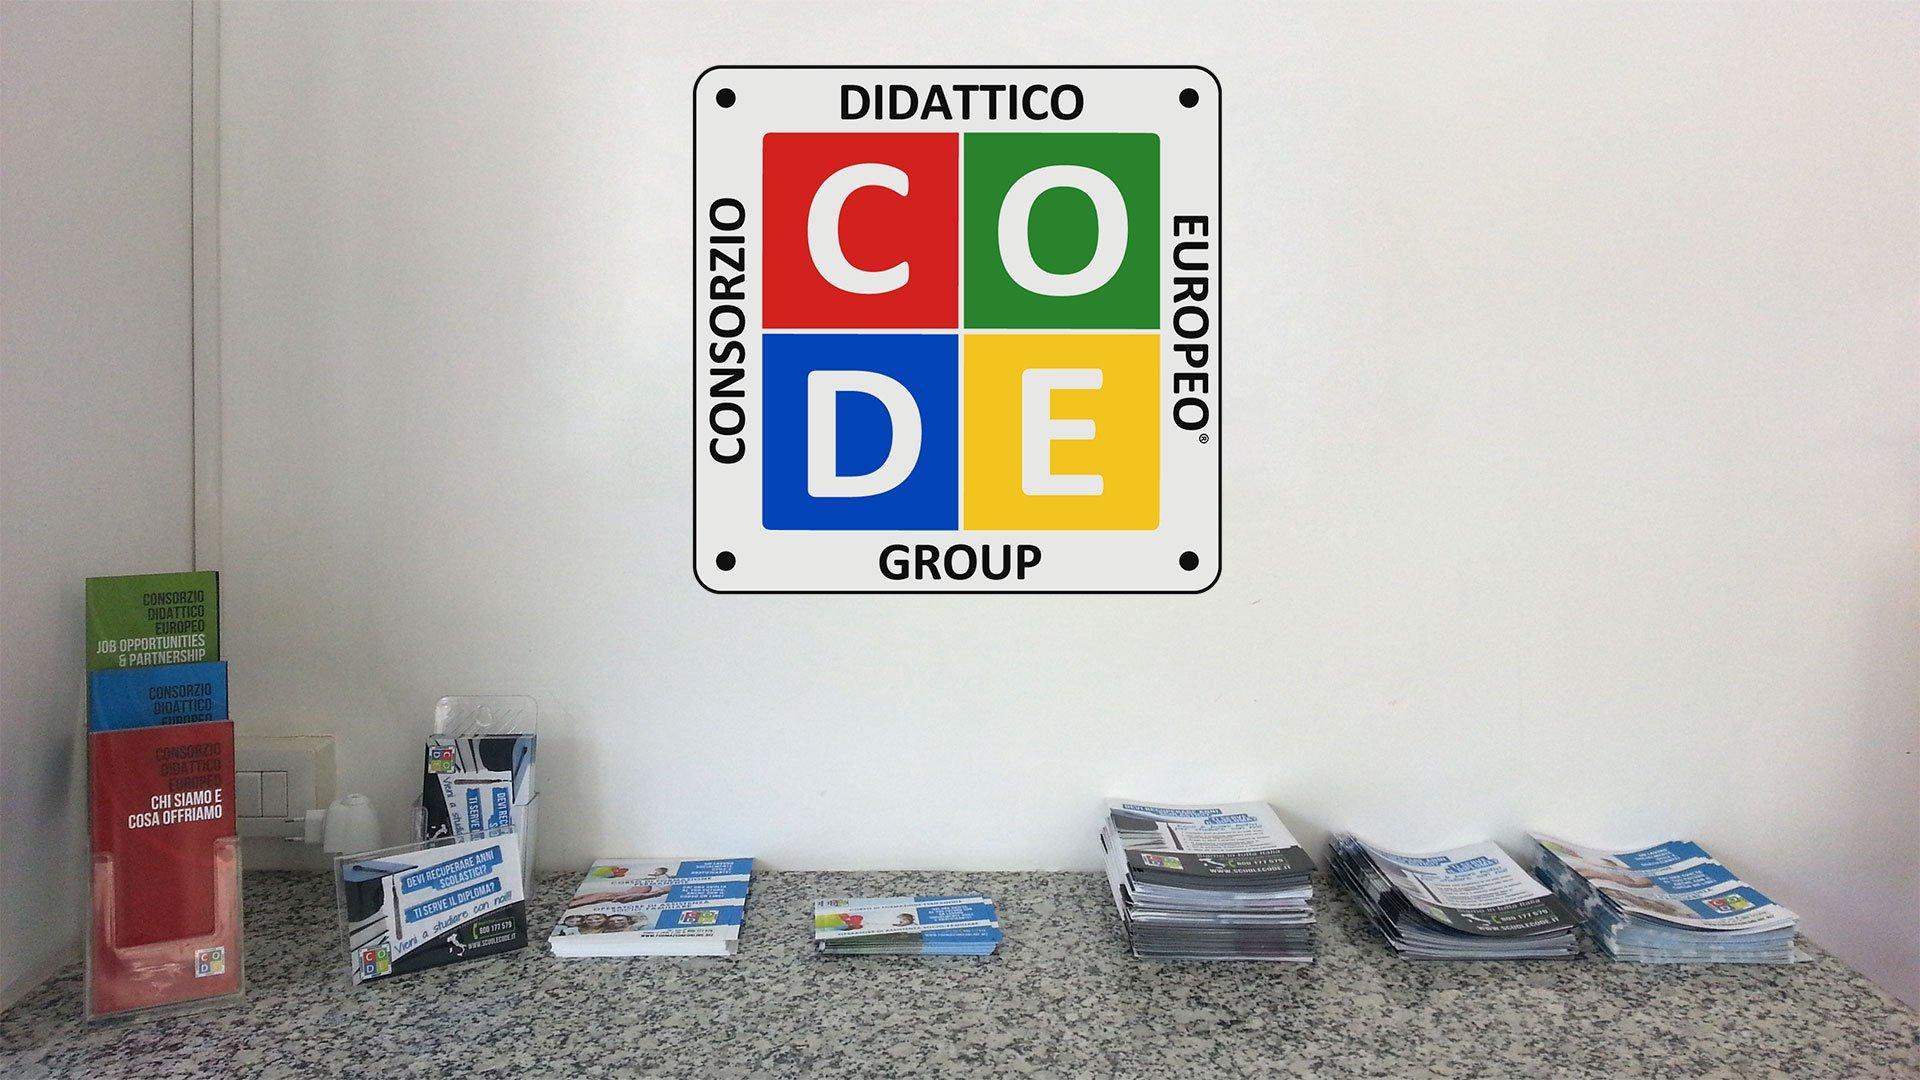 CODE Group il Consorzio Didattico Europeo